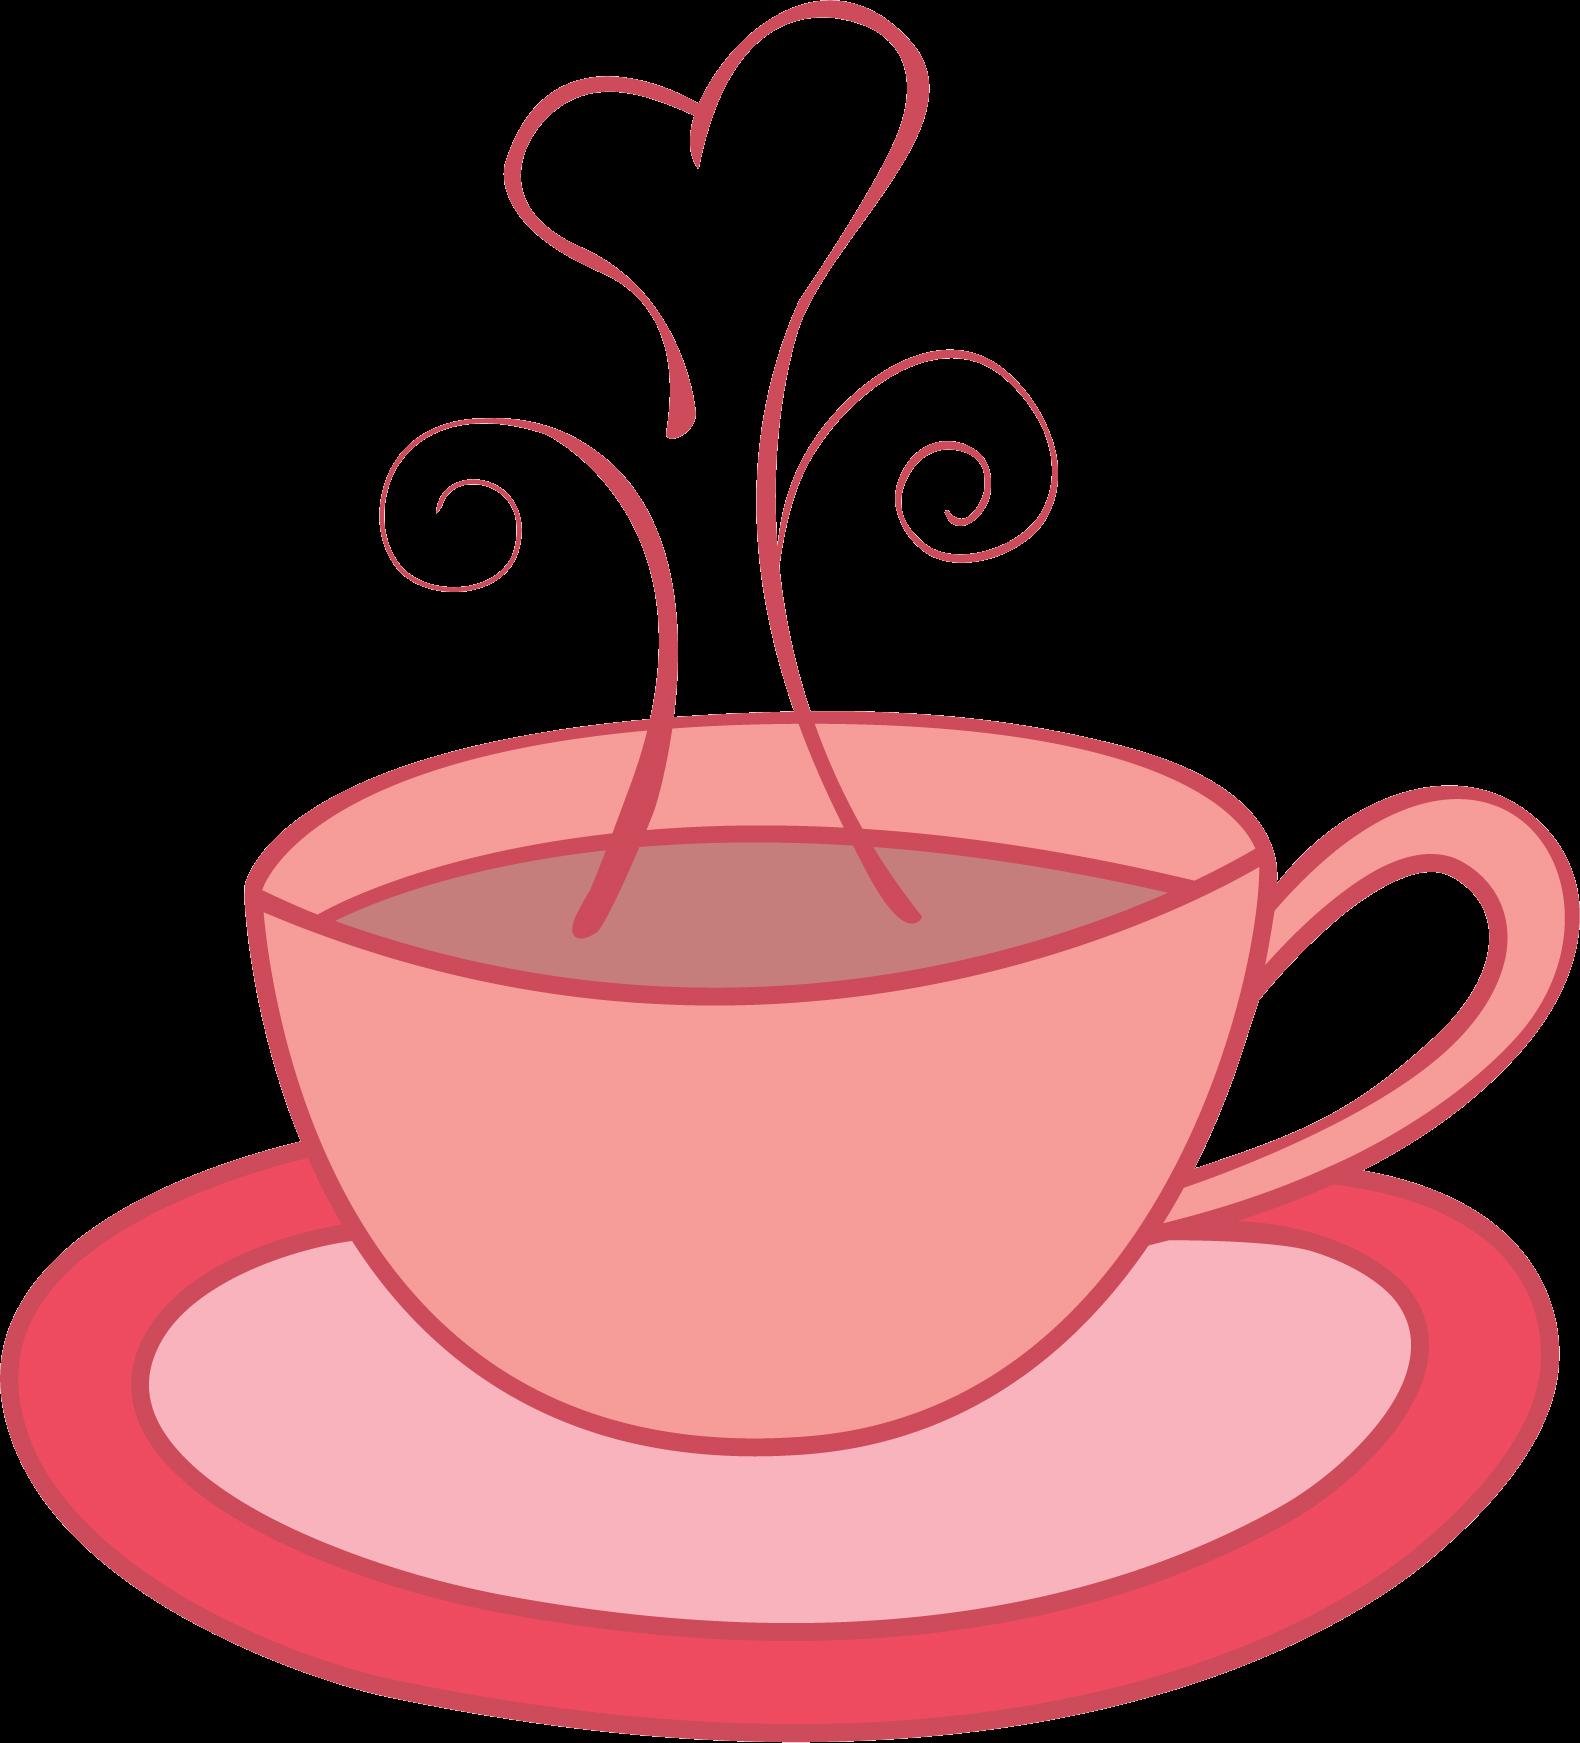 Tea cliparts. Tea Cup Clip Art-Tea cliparts. Tea Cup Clip Art-5